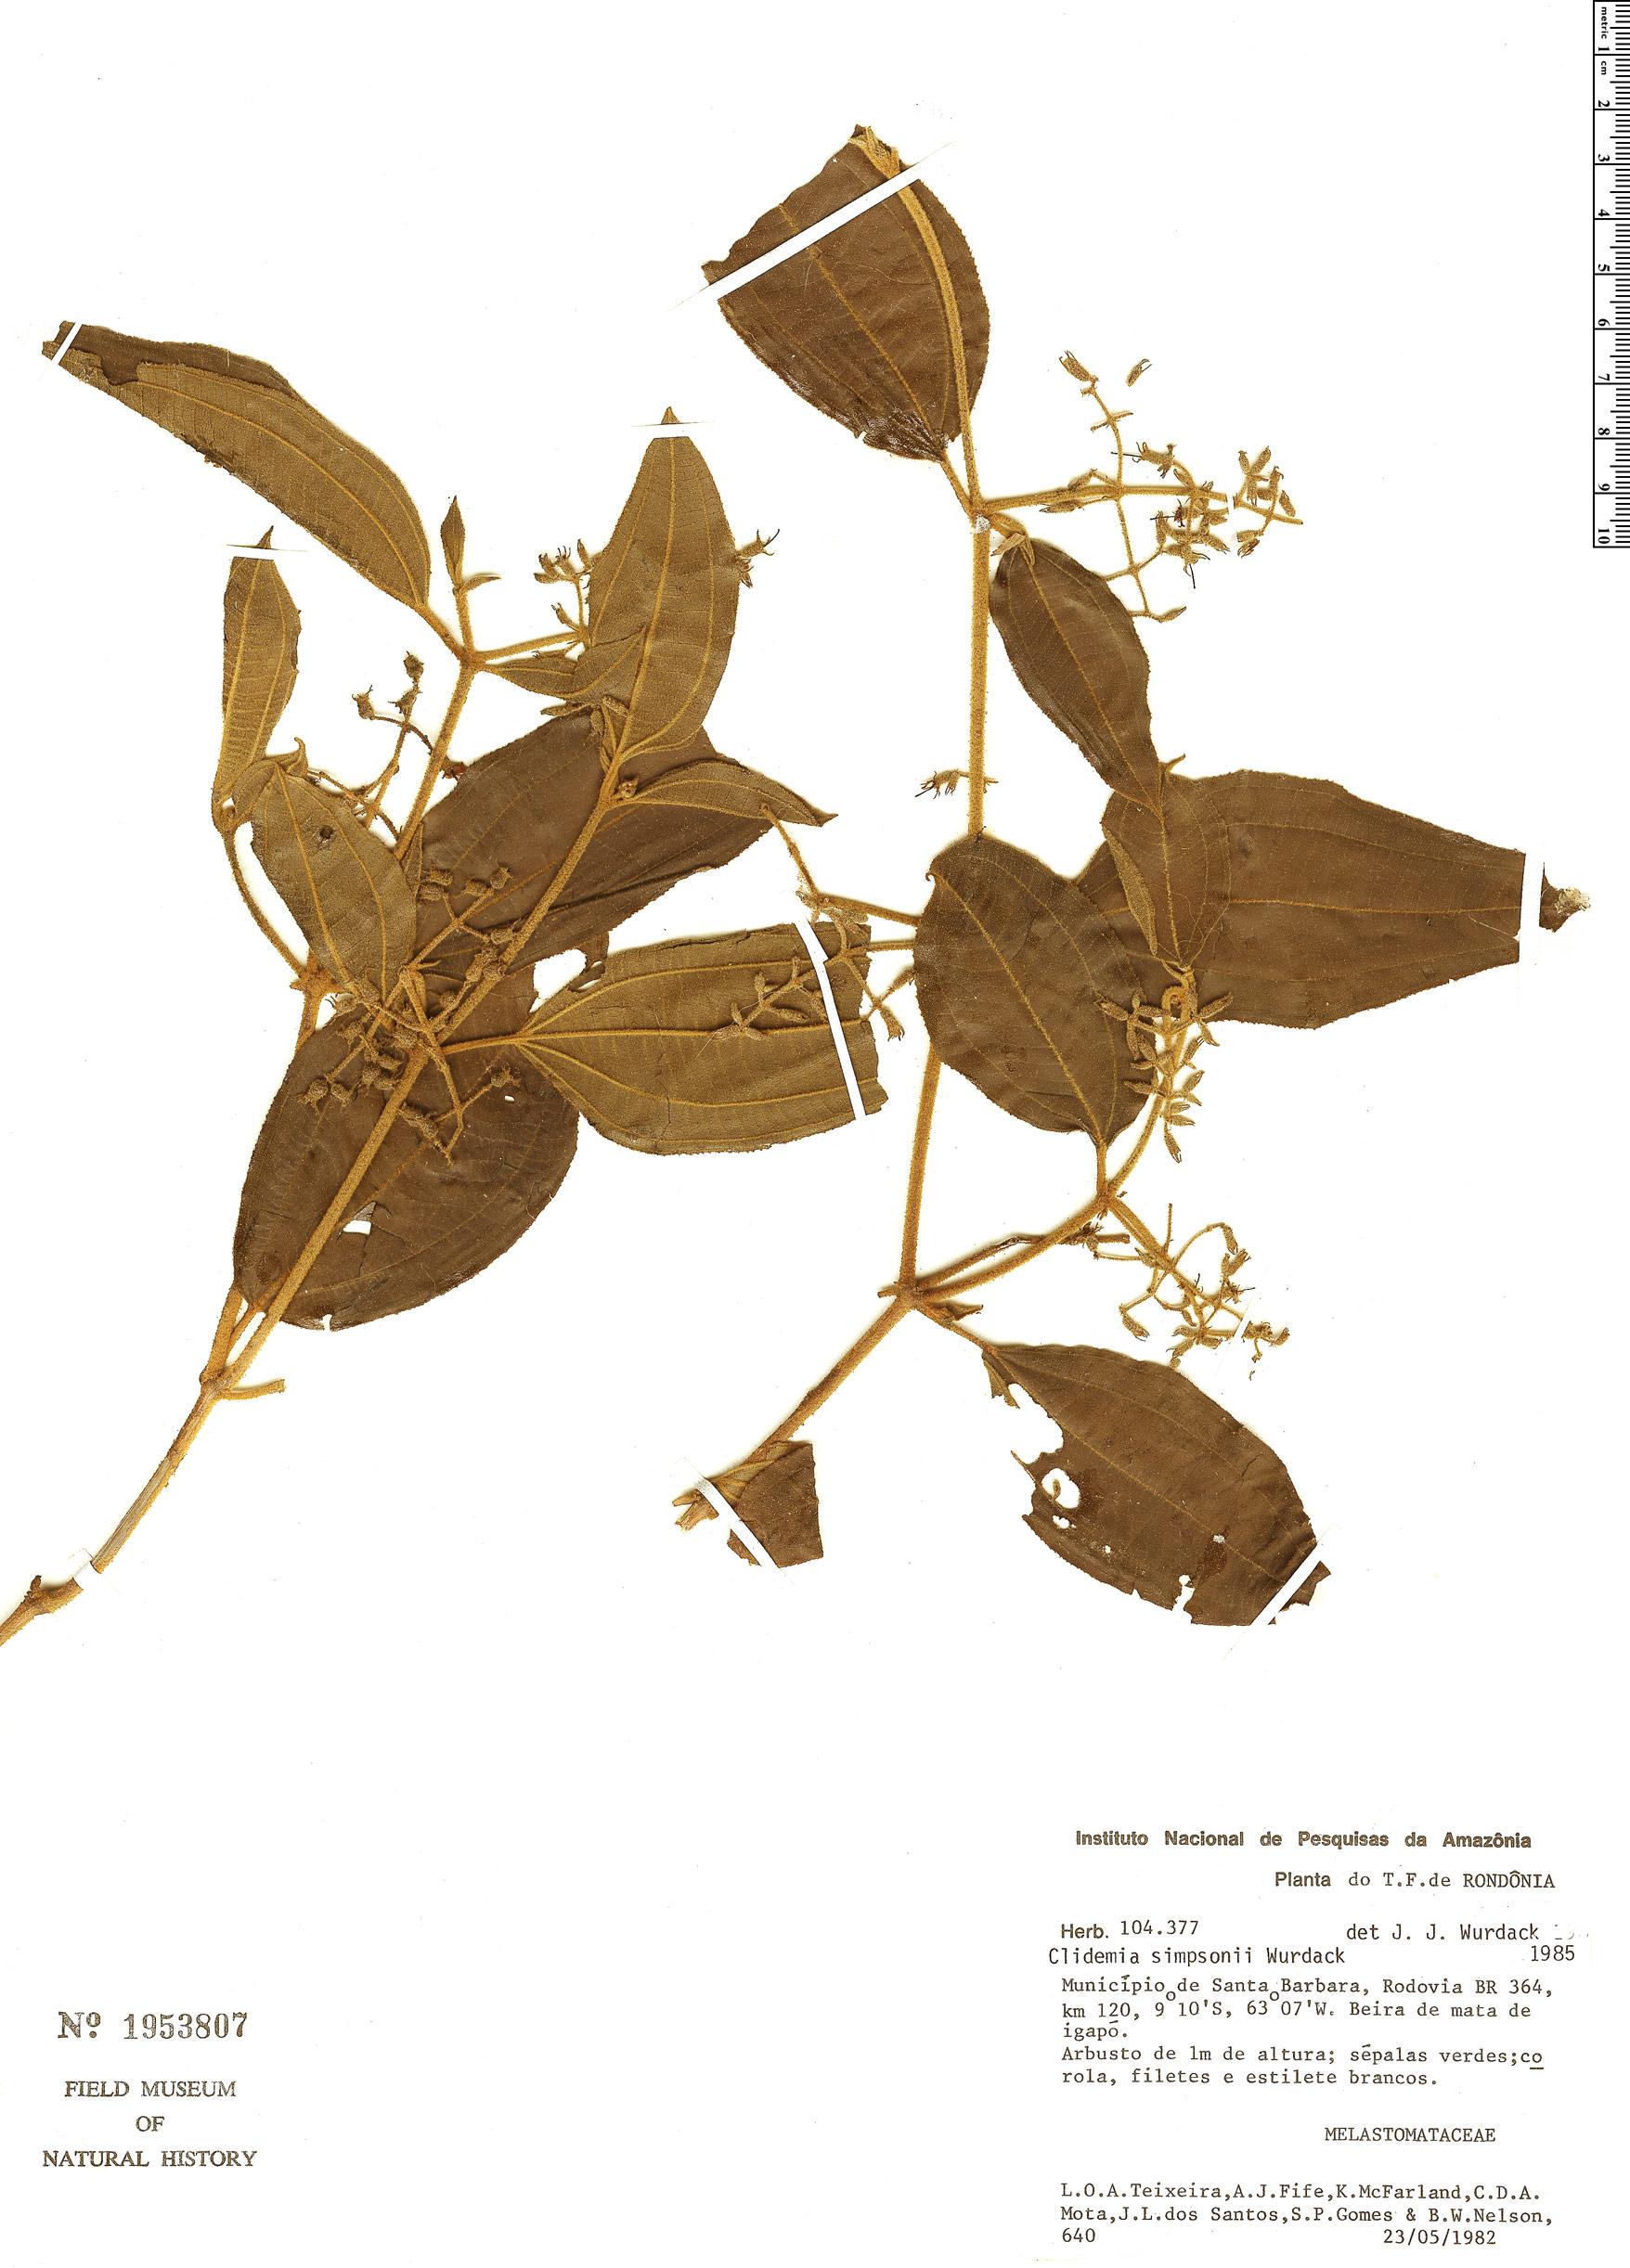 Specimen: Clidemia simpsonii